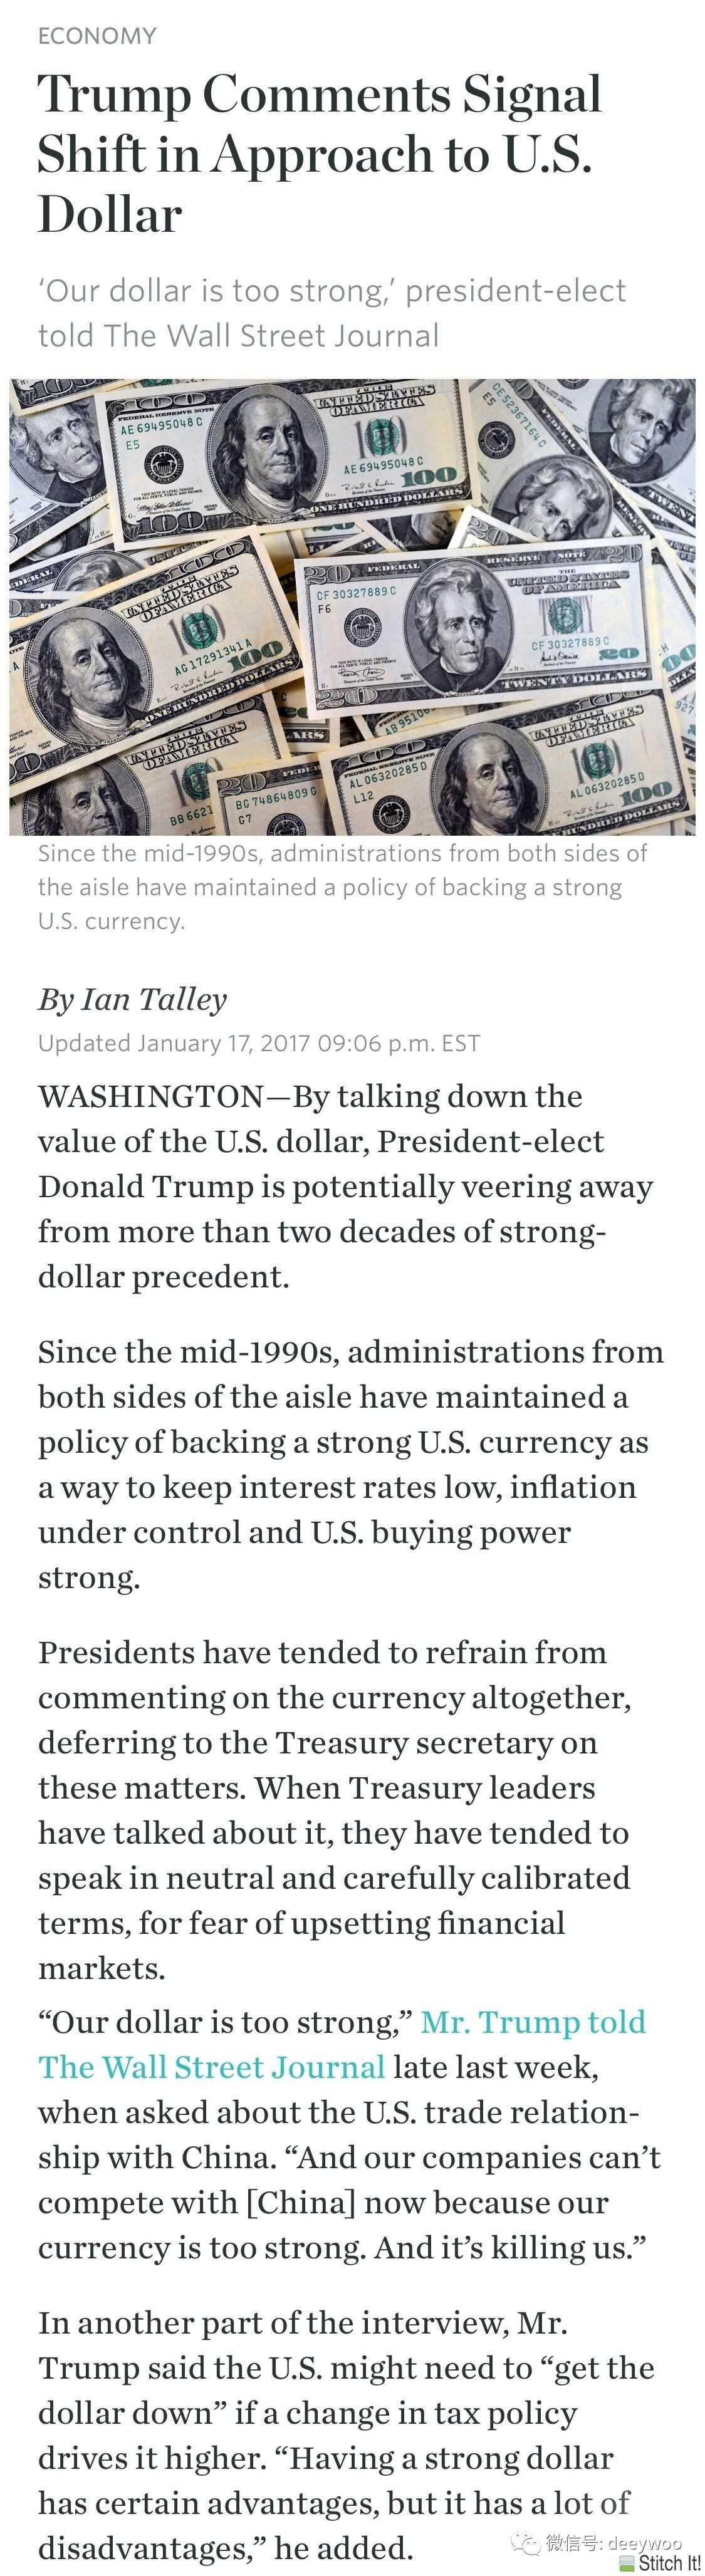 川普:美元太强势 正在扼杀美国经济